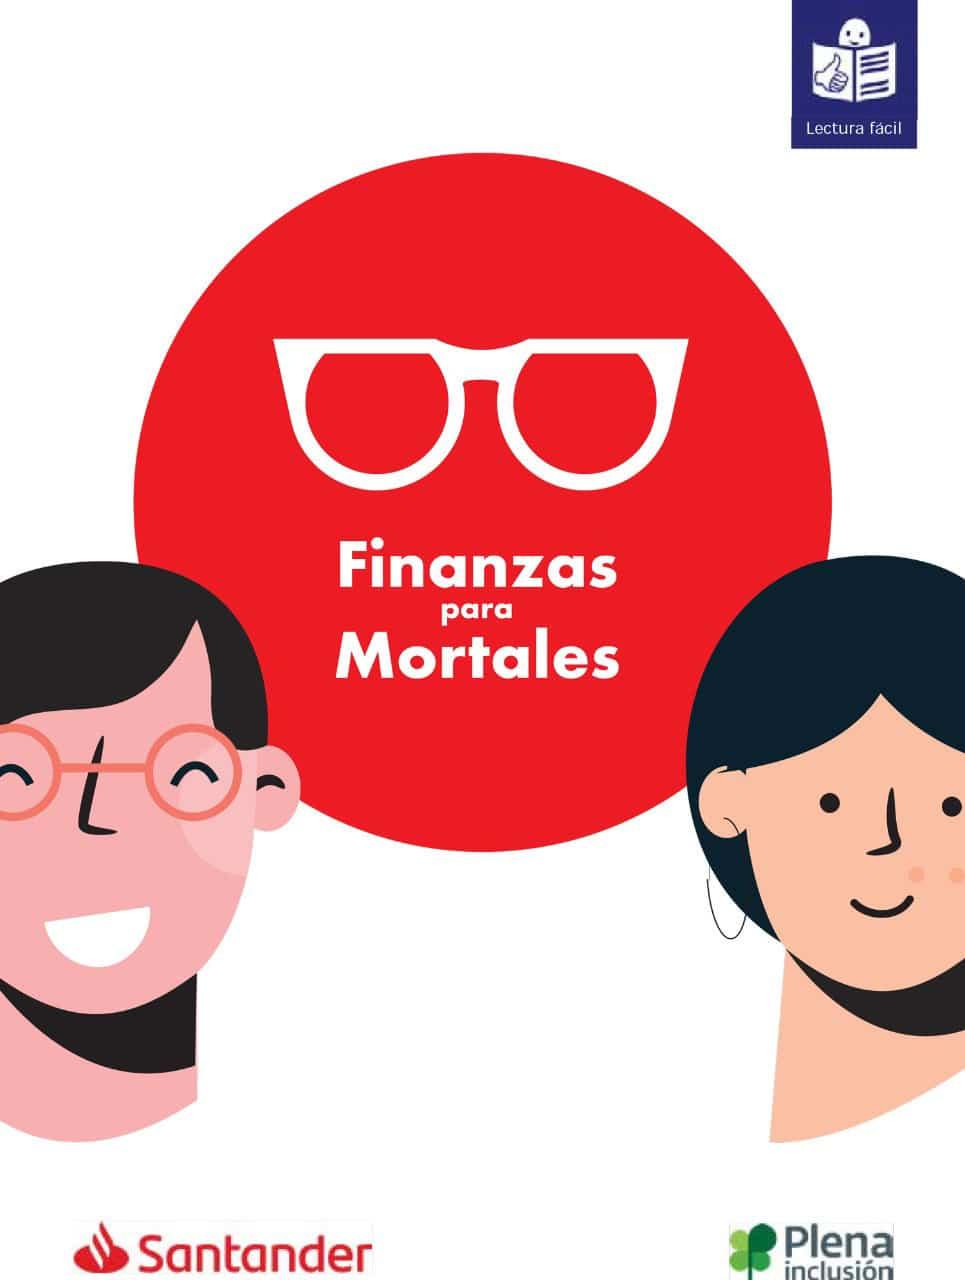 finanzas-para-mortales-de-banco-santander